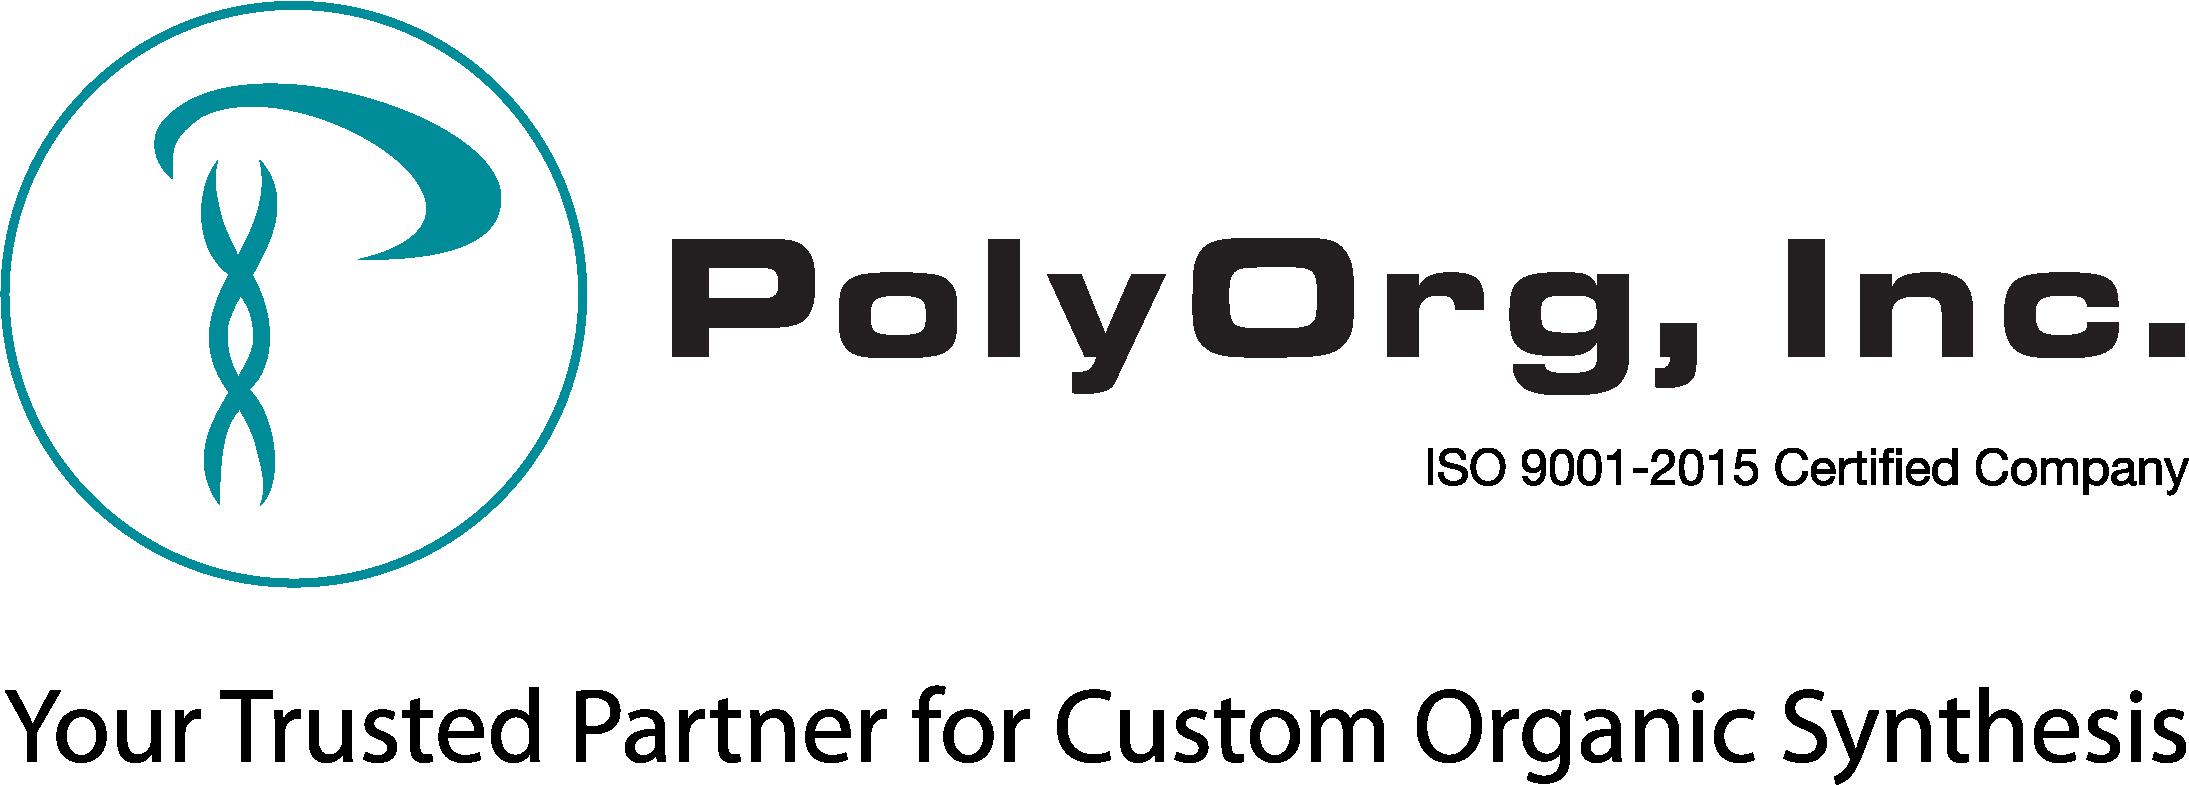 PolyOrg - Logo 2018